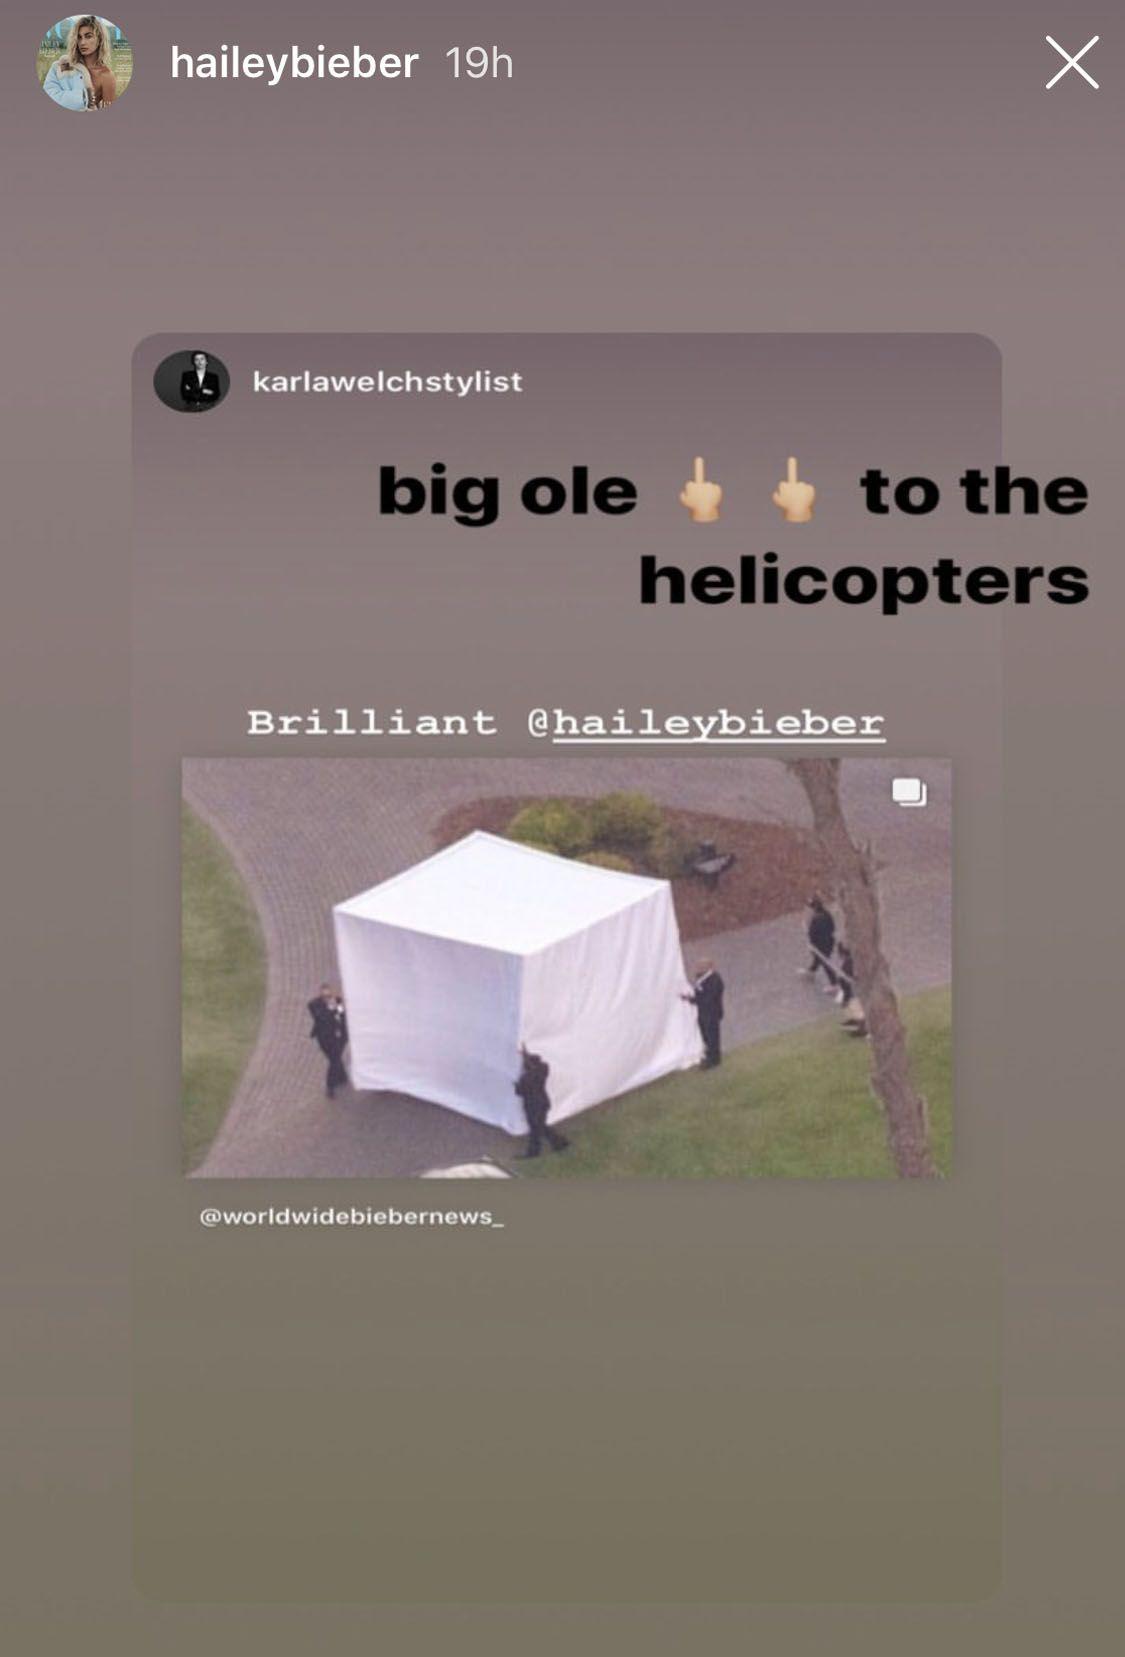 La storia Instagram pubblicata da Hailey Bieber